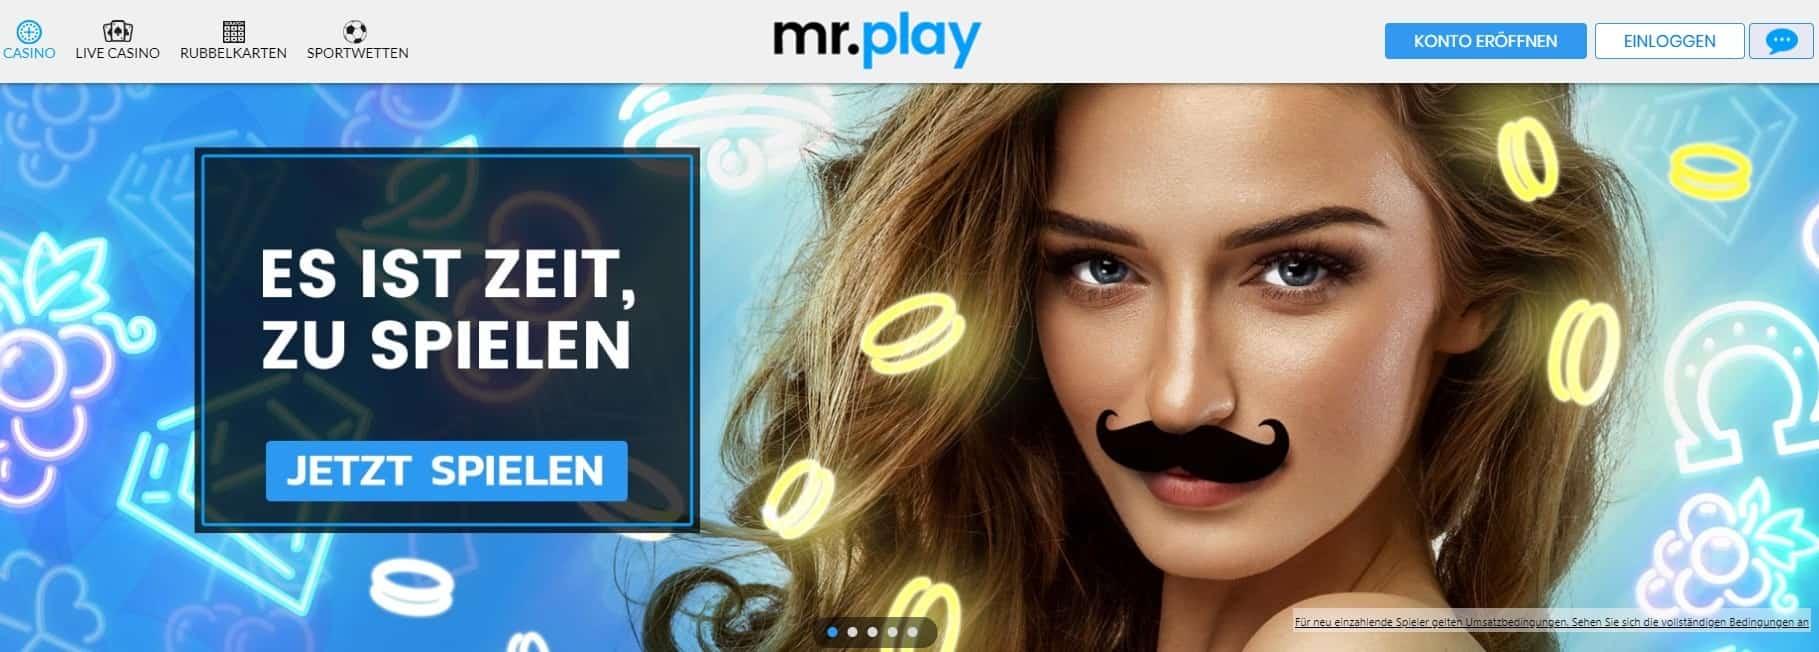 mr.play Registrierung